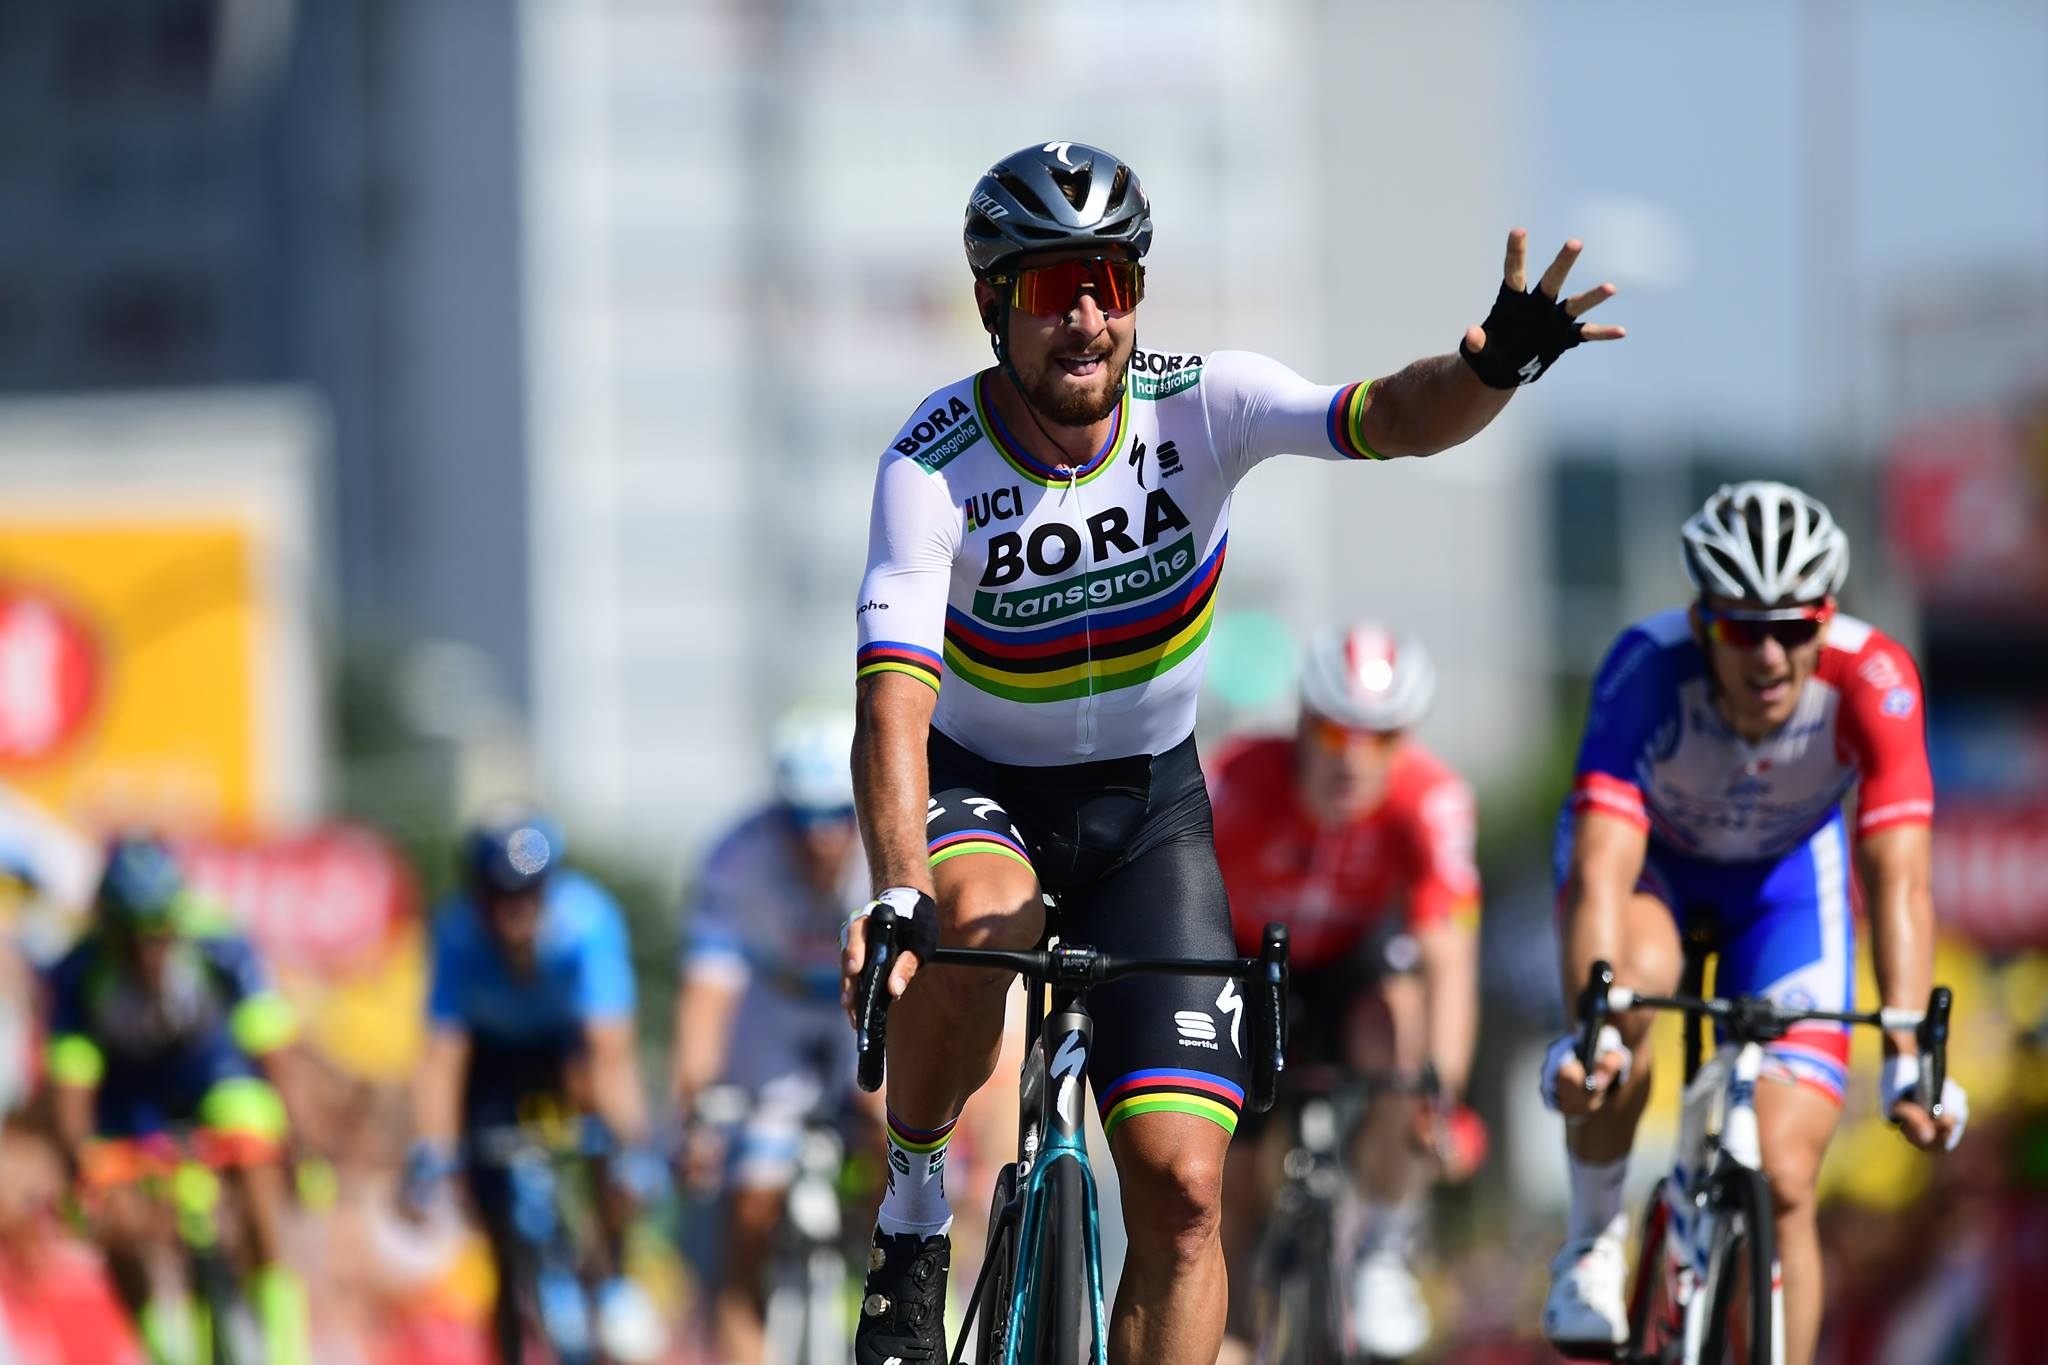 Peter Sagan vince la seconda tappa del Tour de France 2018